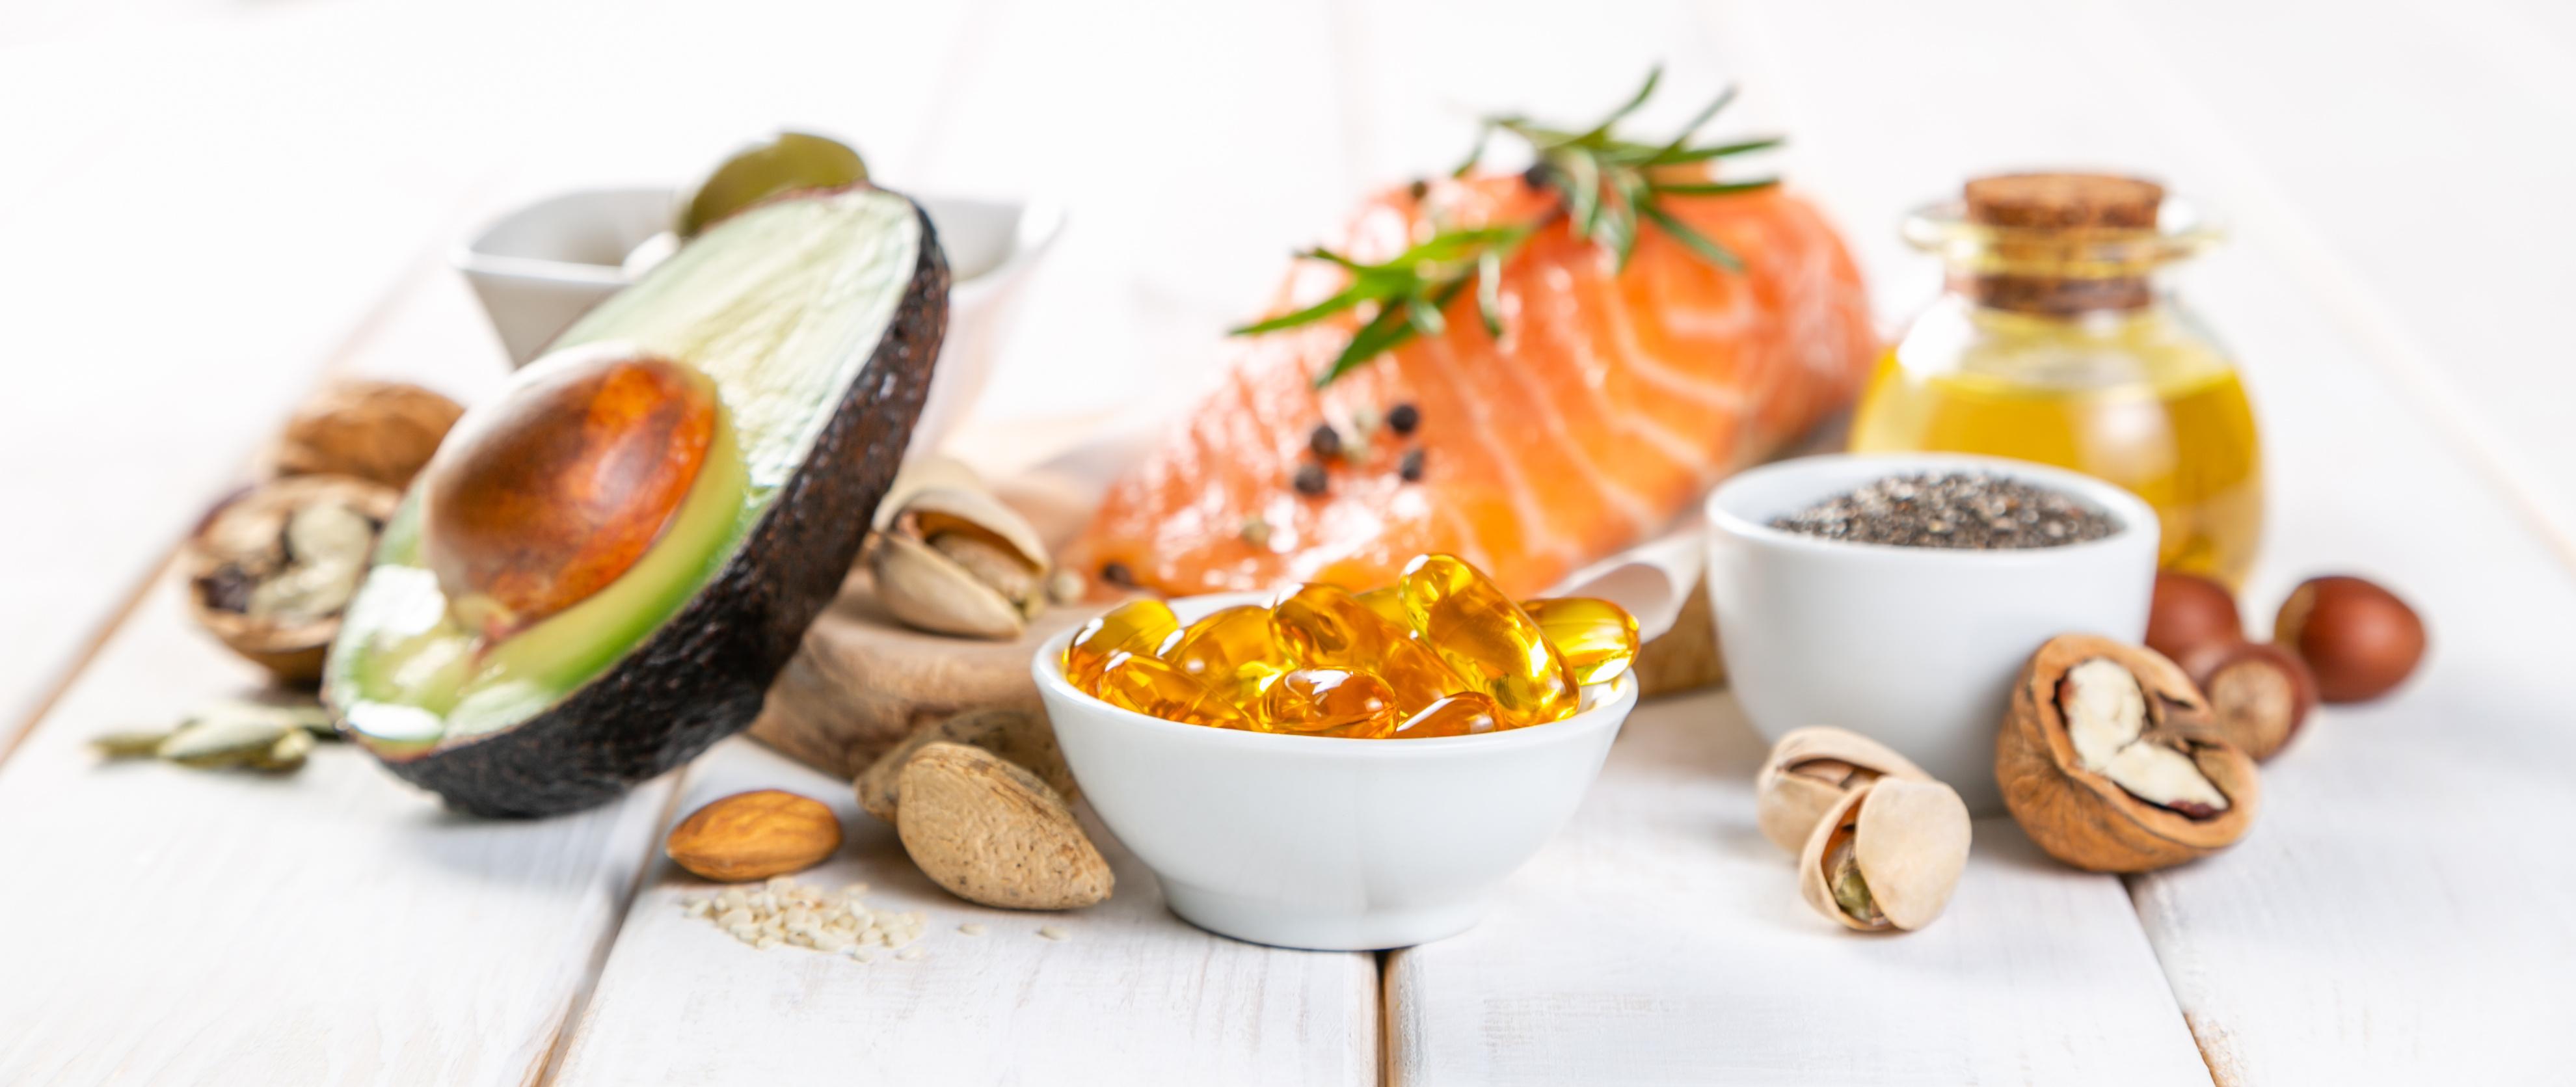 Les régimes maternels riches en acides gras oméga-3 peuvent protéger les enfants à naître du cancer (Visuel Adobe stock 246020888)